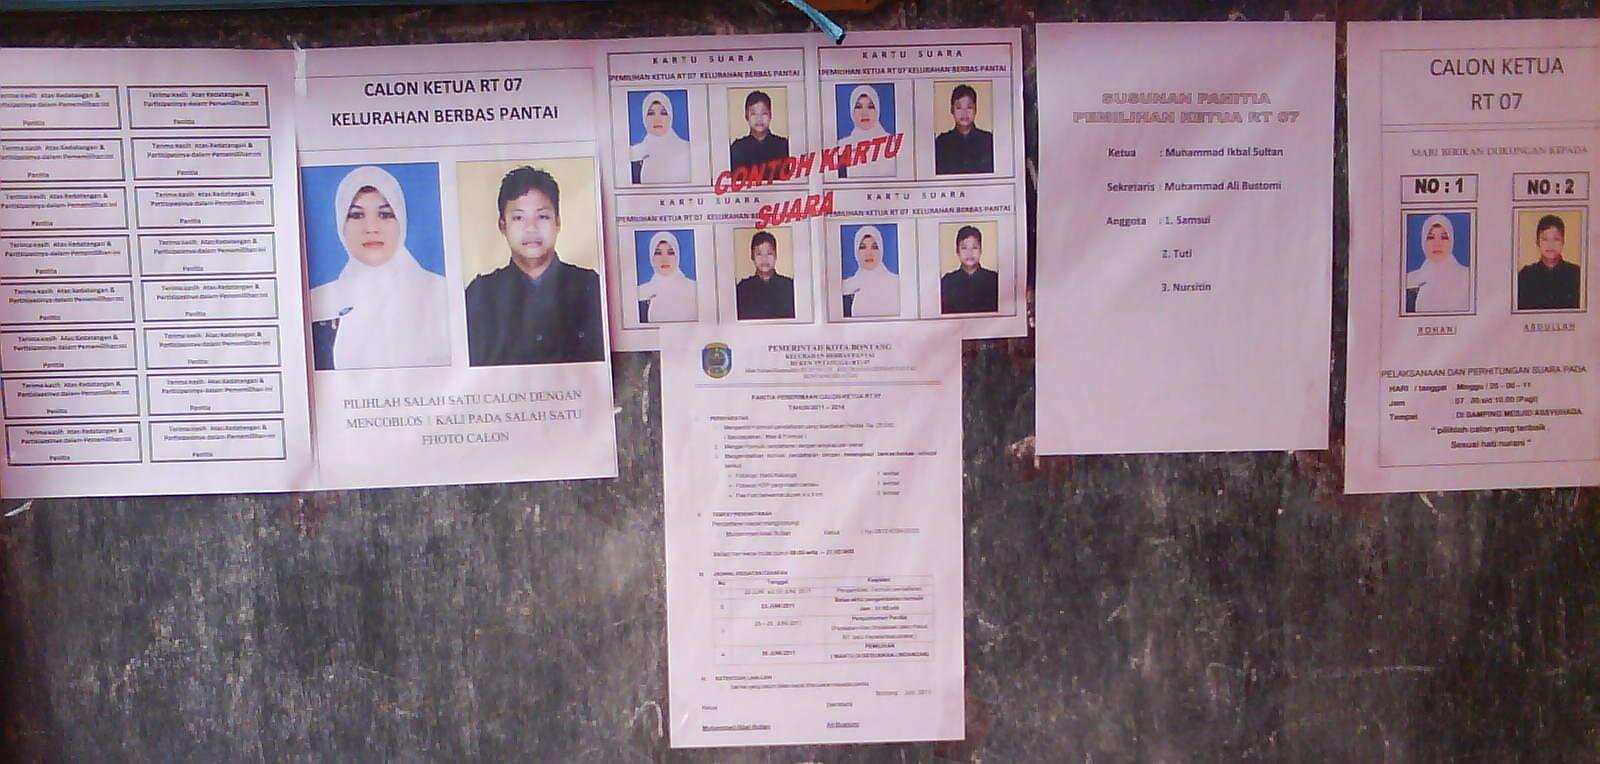 pemilihan ketua rt 07 megah tempat pemilihan ketua rt 07 menggunakan